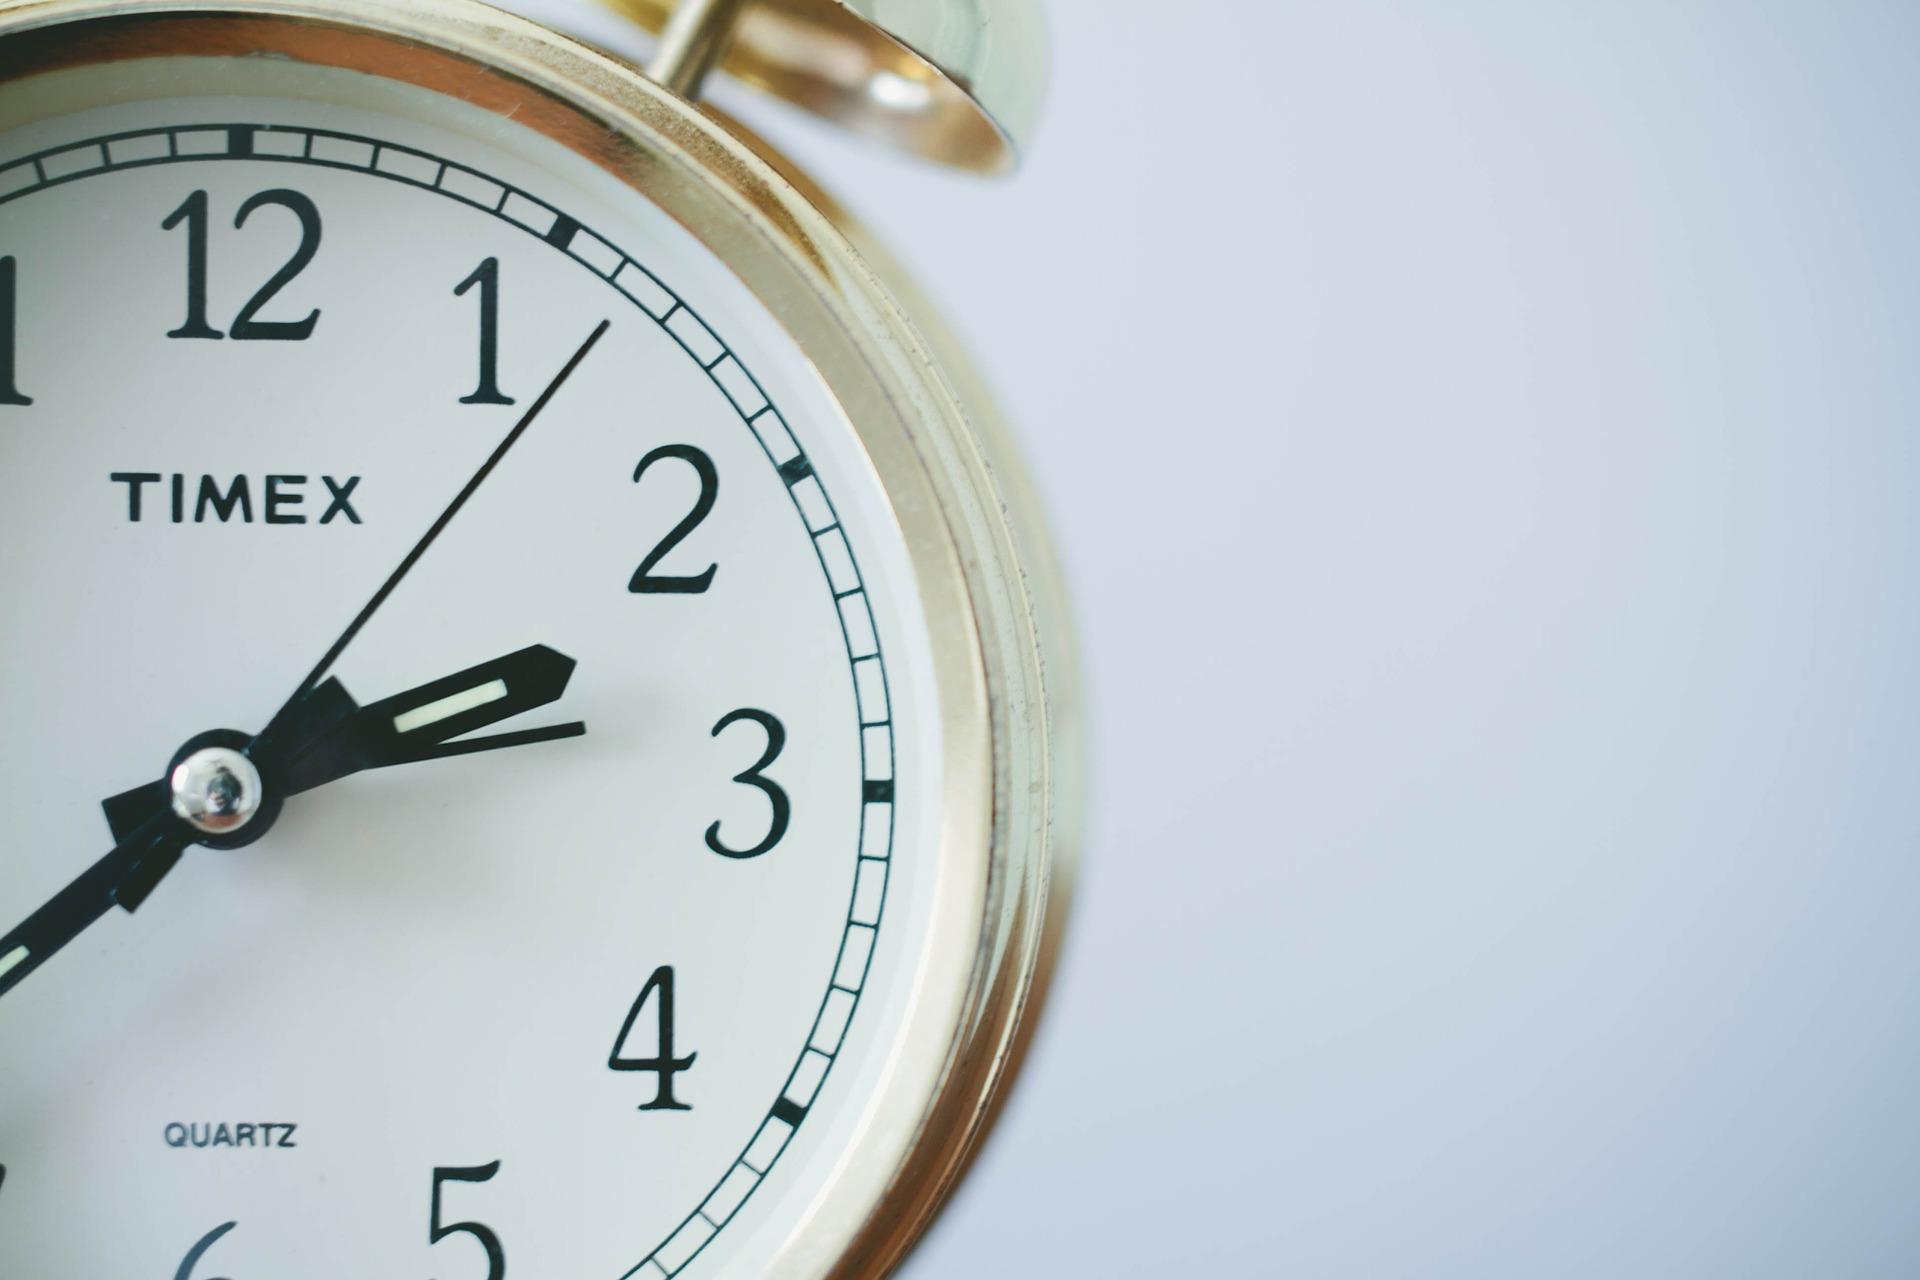 שעון נוכחות לעובדים: ההבדל בין נוכחות לפעילות